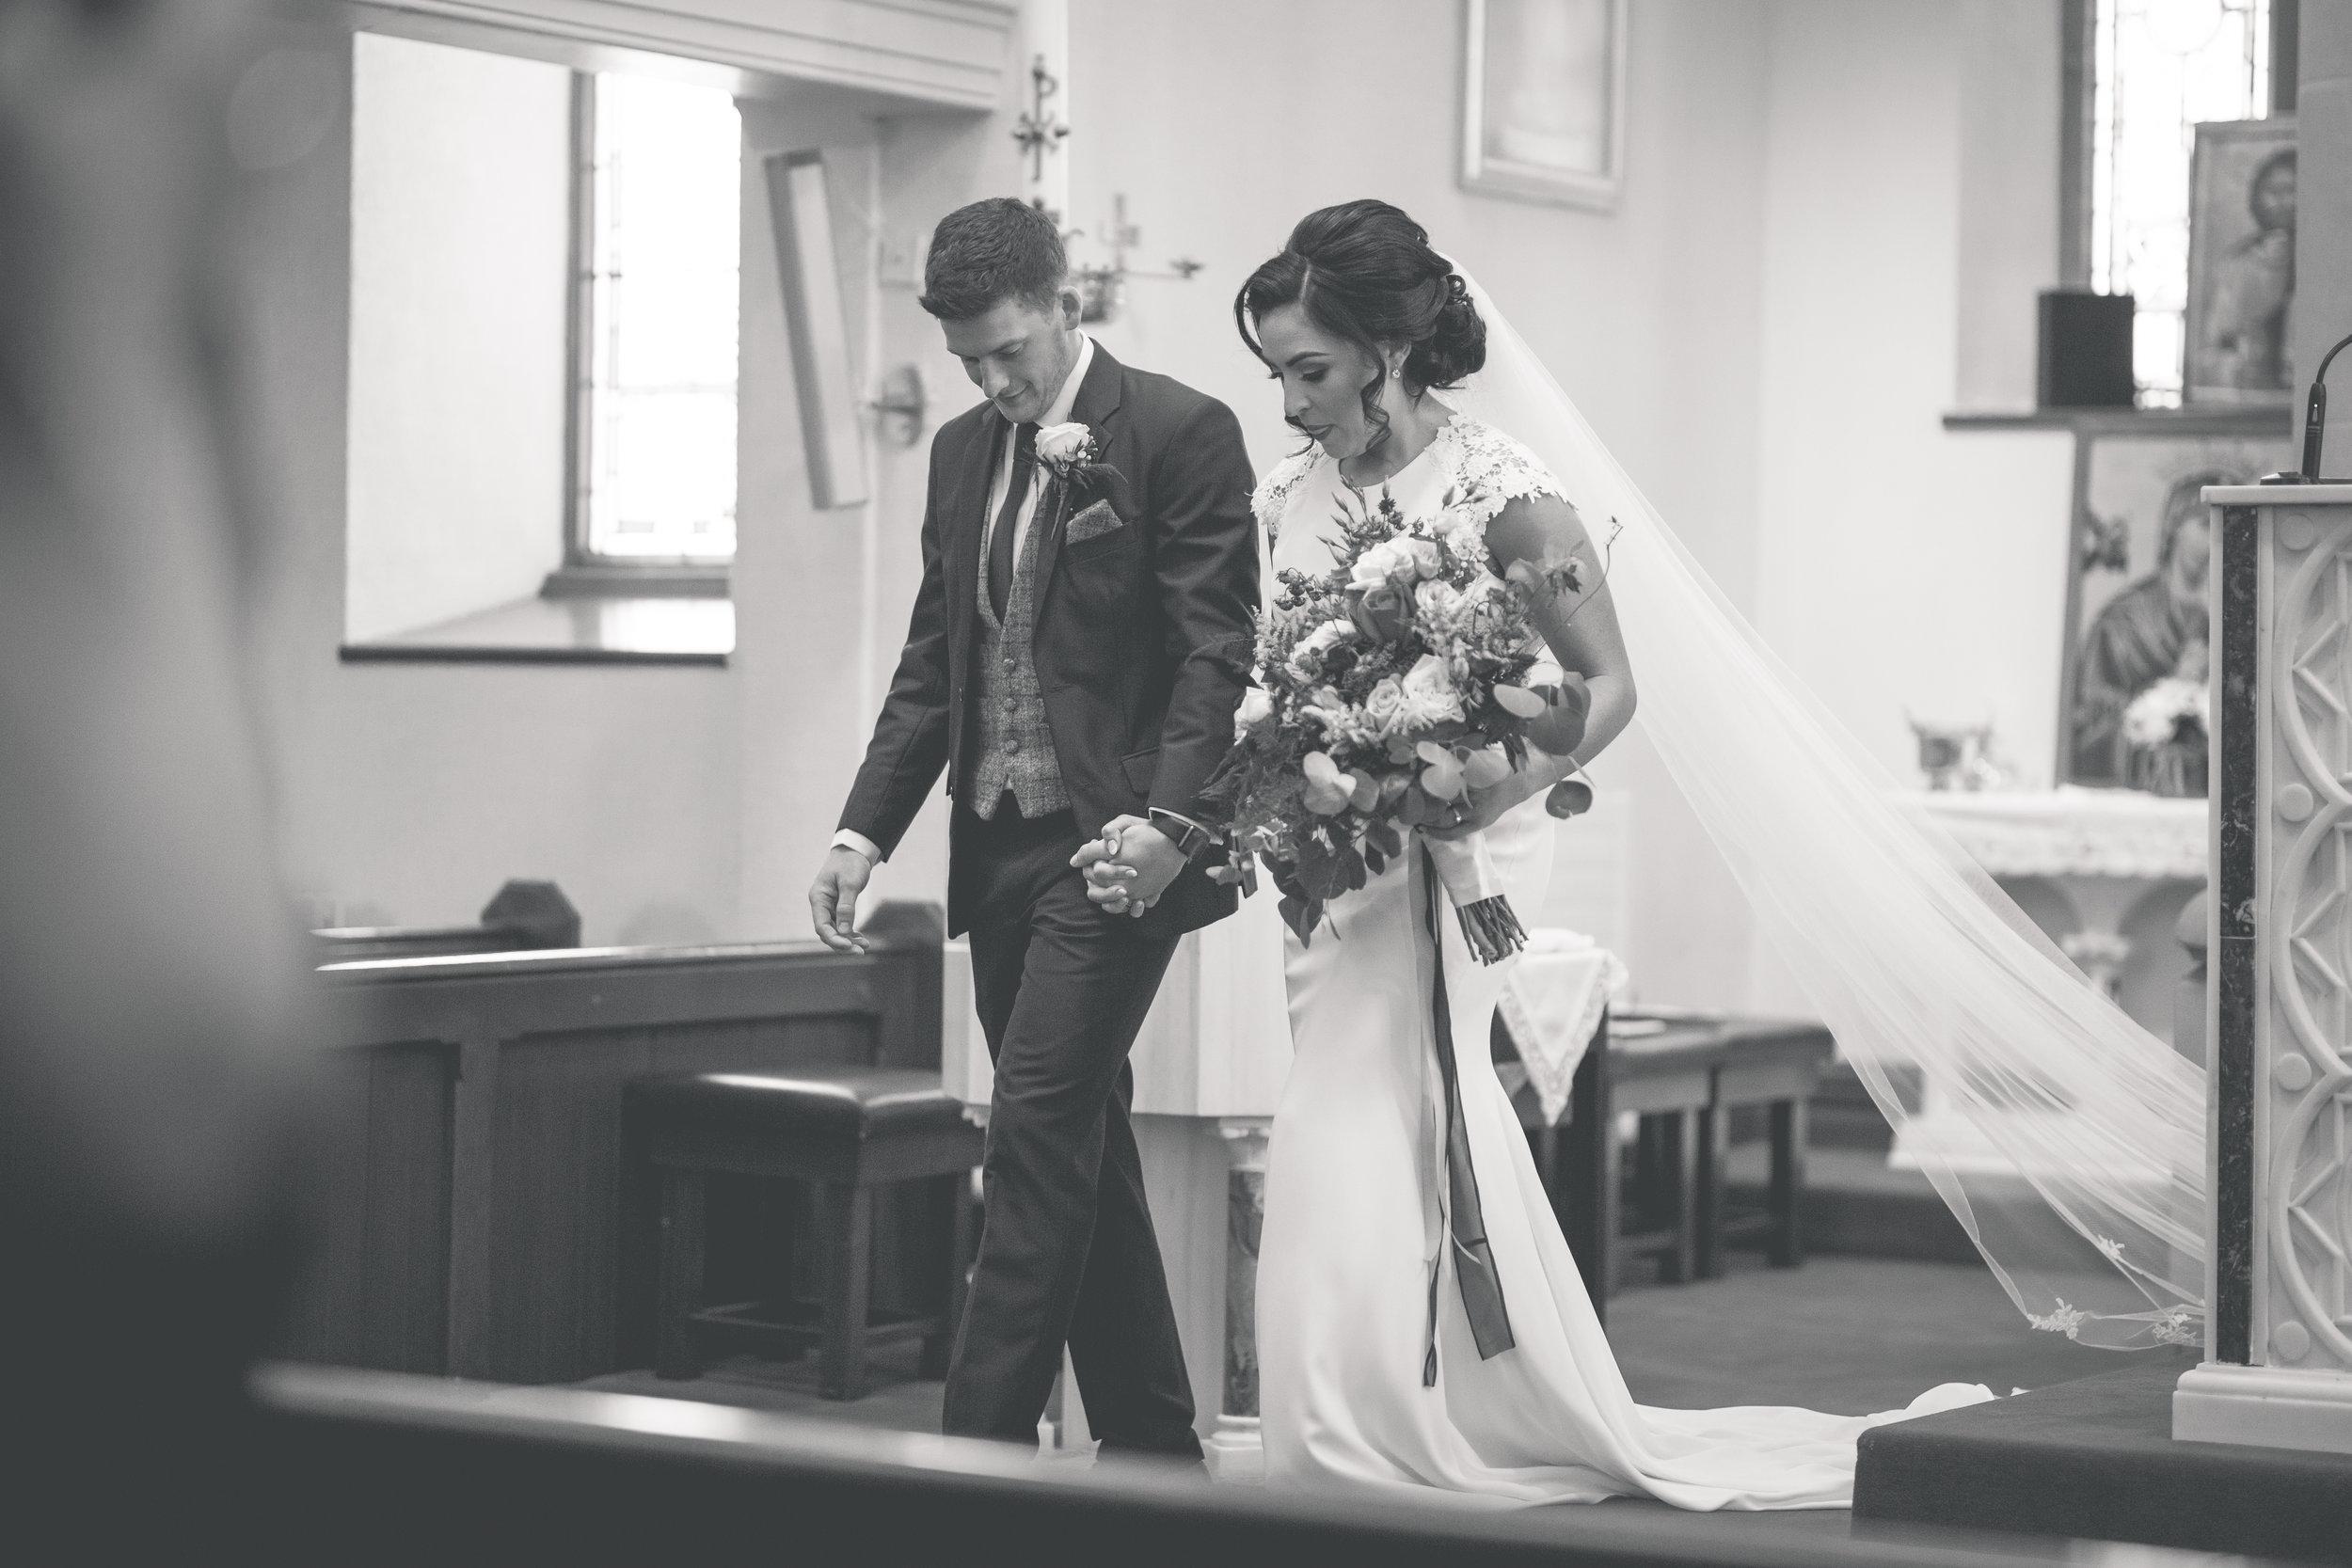 Brian McEwan Wedding Photography   Carol-Anne & Sean   The Ceremony-73.jpg